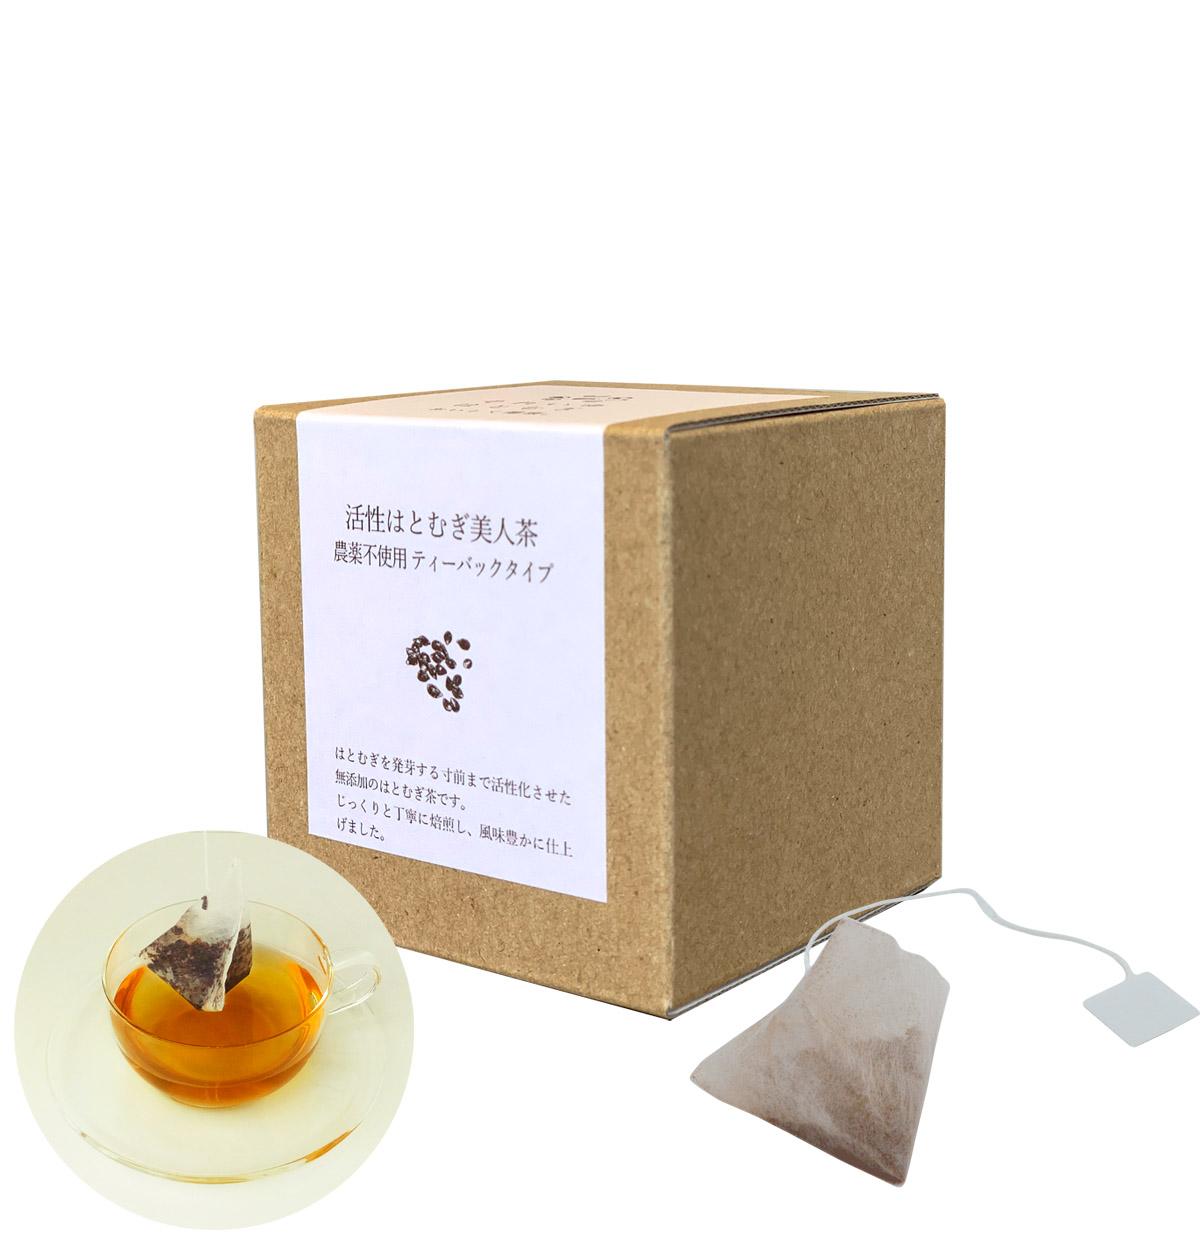 【ミニティー】活性はとむぎ美人茶 農薬不使用ティーバックタイプ